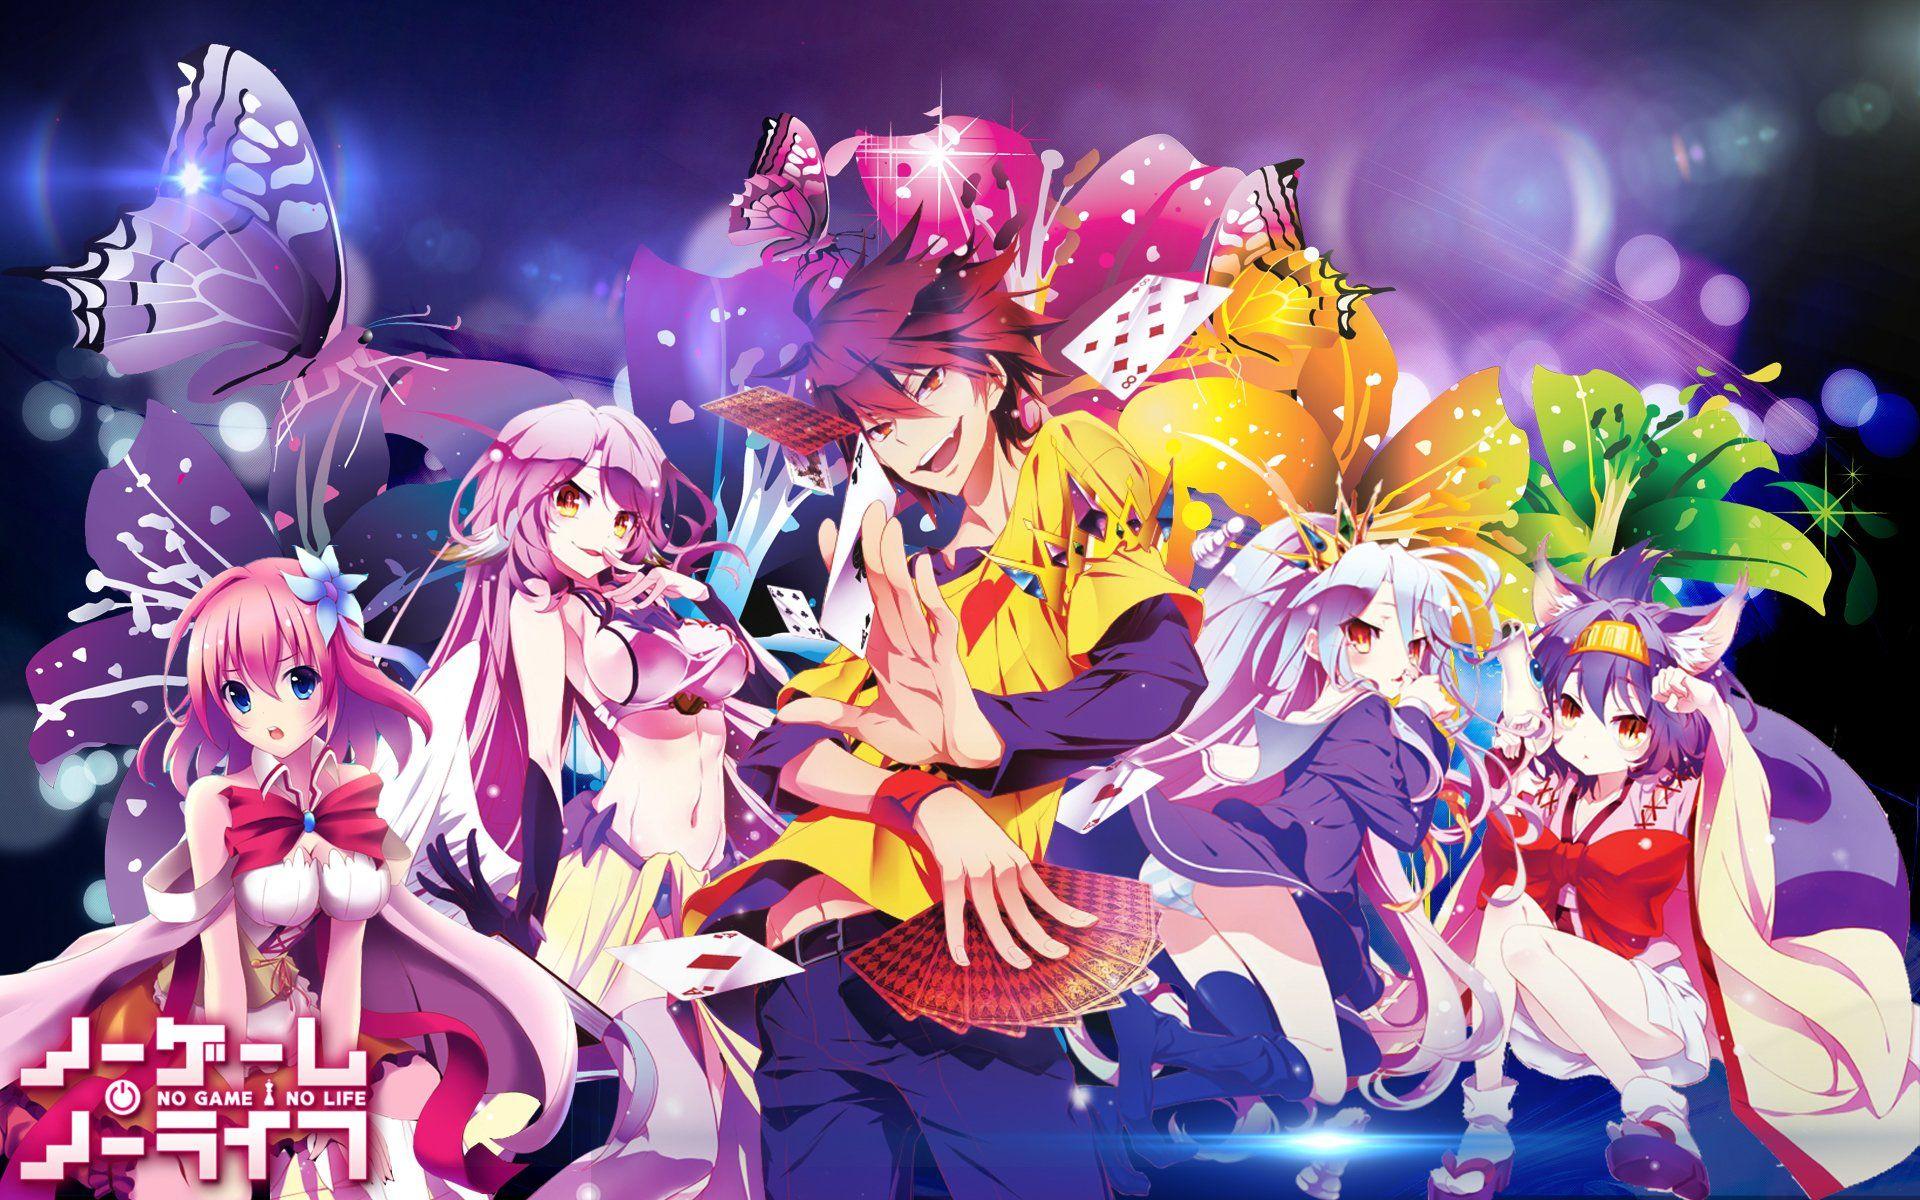 Anime No Game No Life Stephanie Dola Jibril No Game No Life Sora No Game No Life Shiro No Gam Juego De La Vida Arte De Anime Fondos De Pantalla De